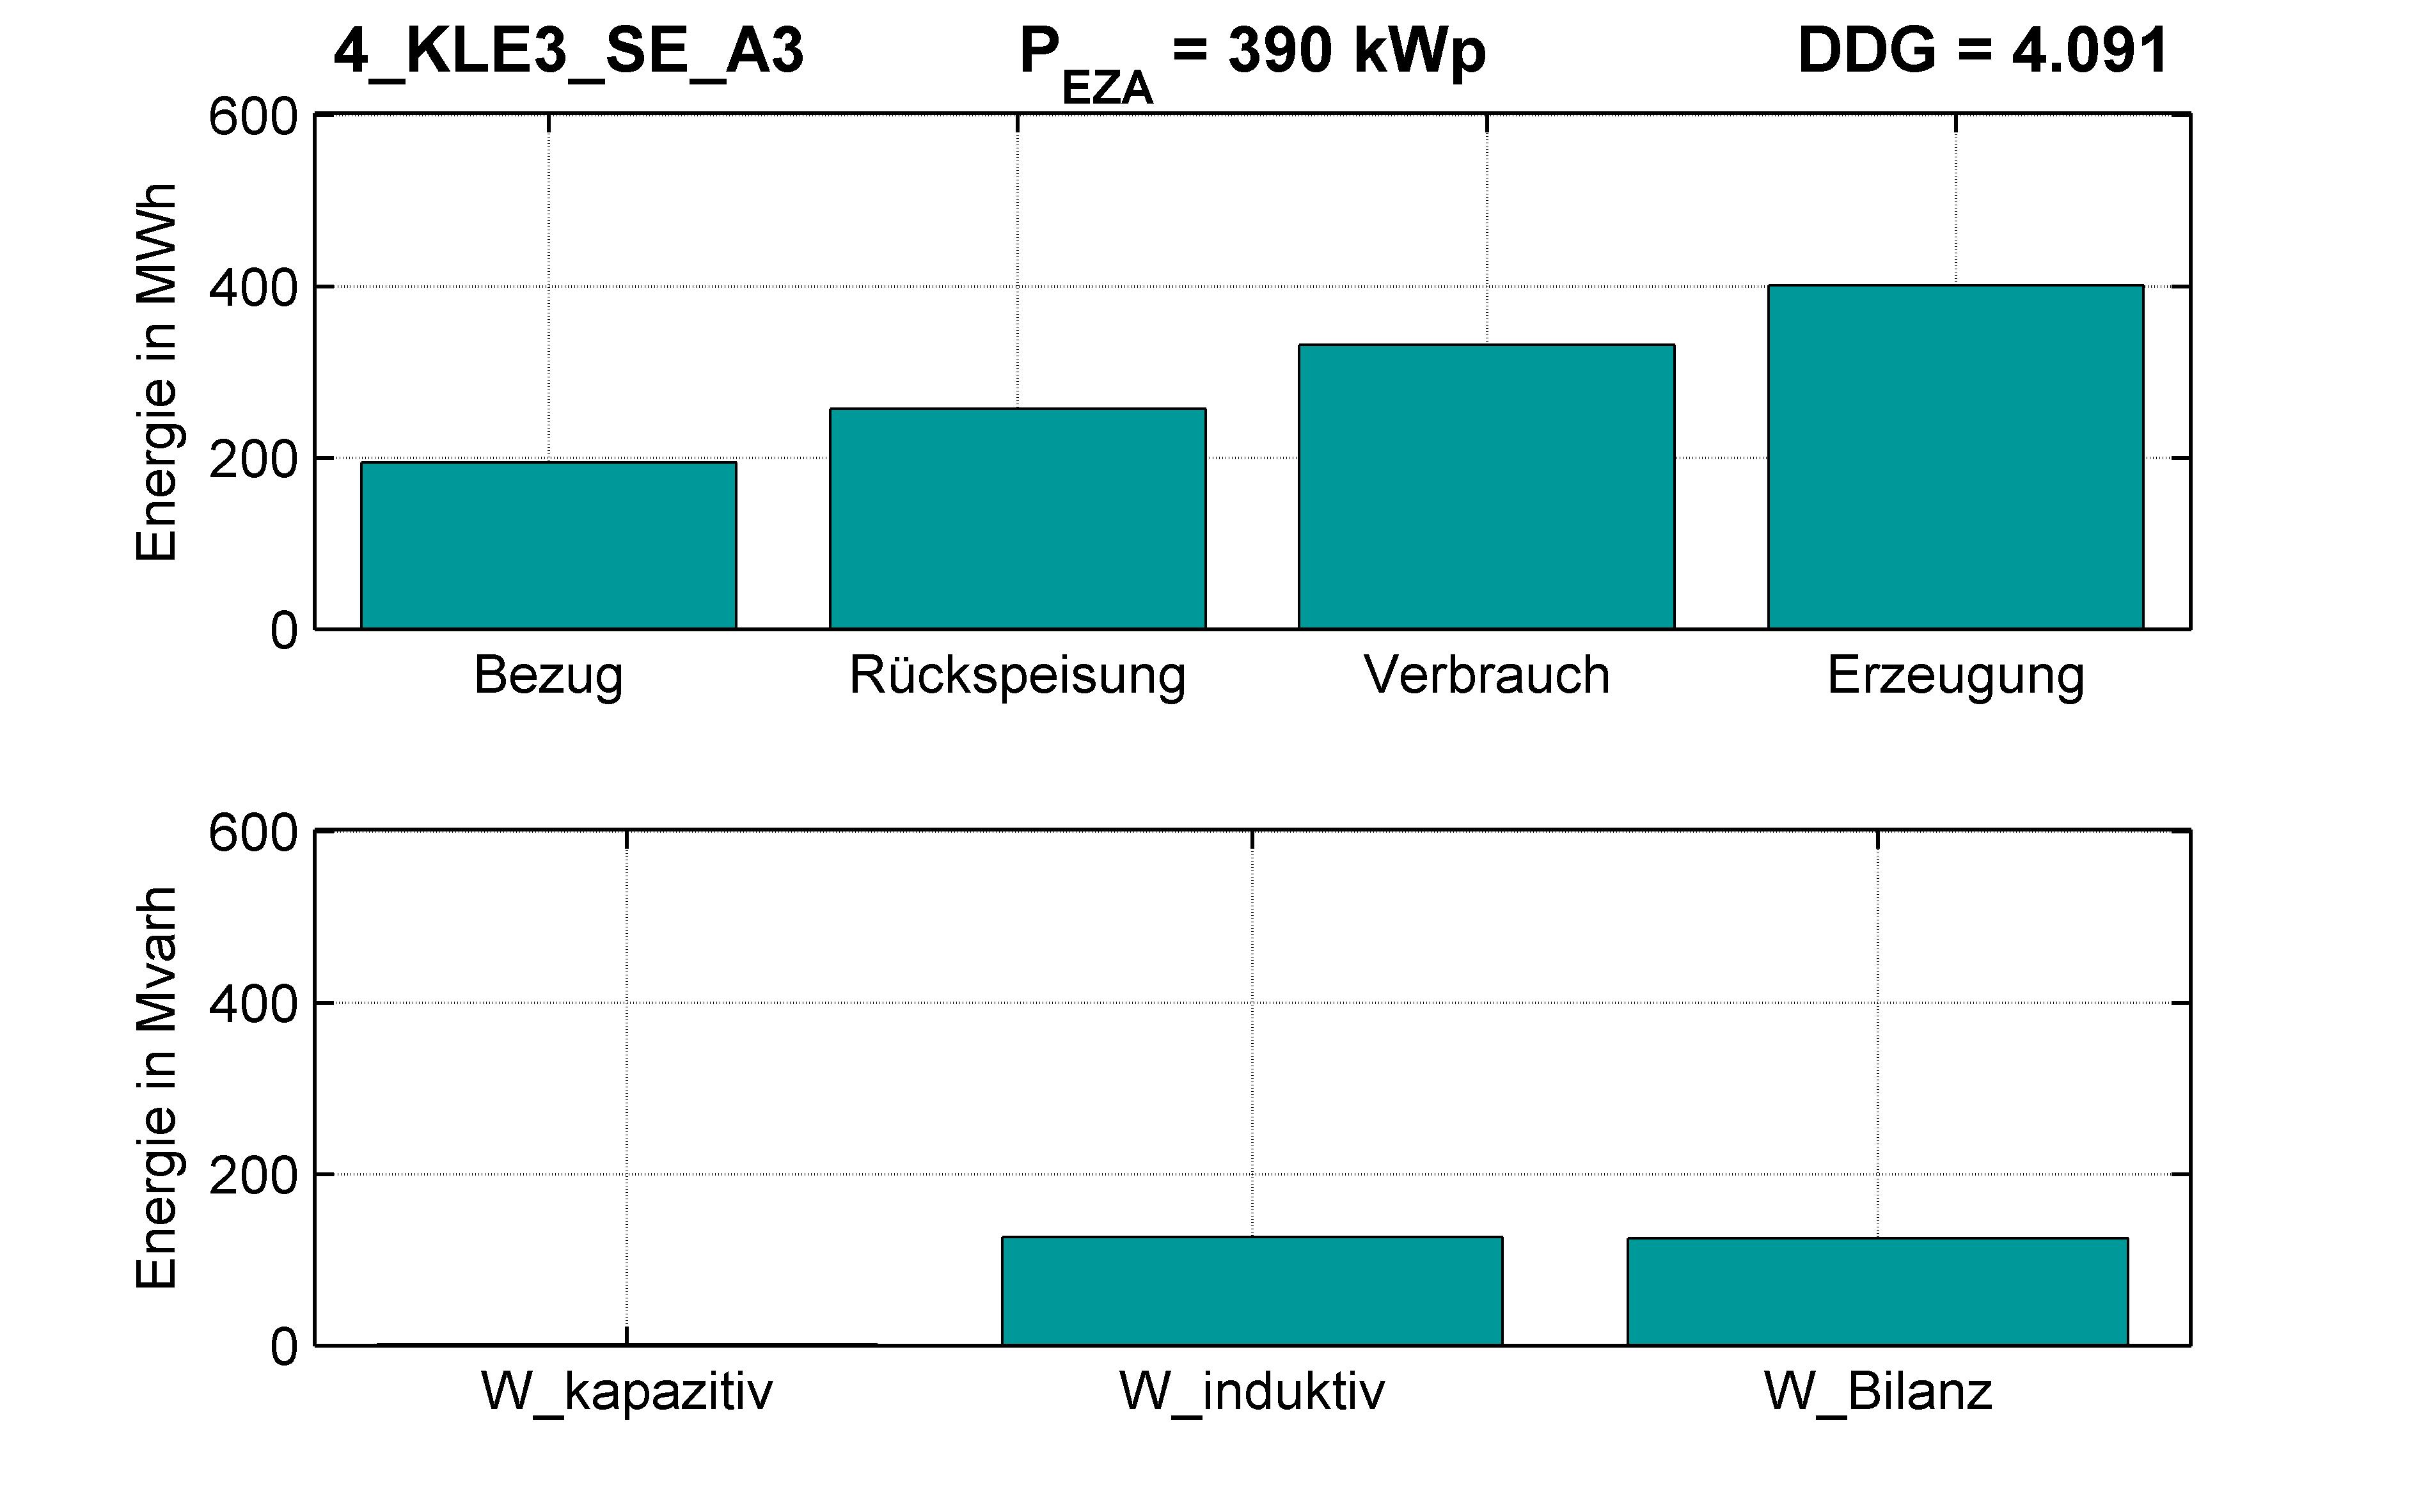 KLE3 | P-Kappung 55% (SE) A3 | PQ-Bilanz